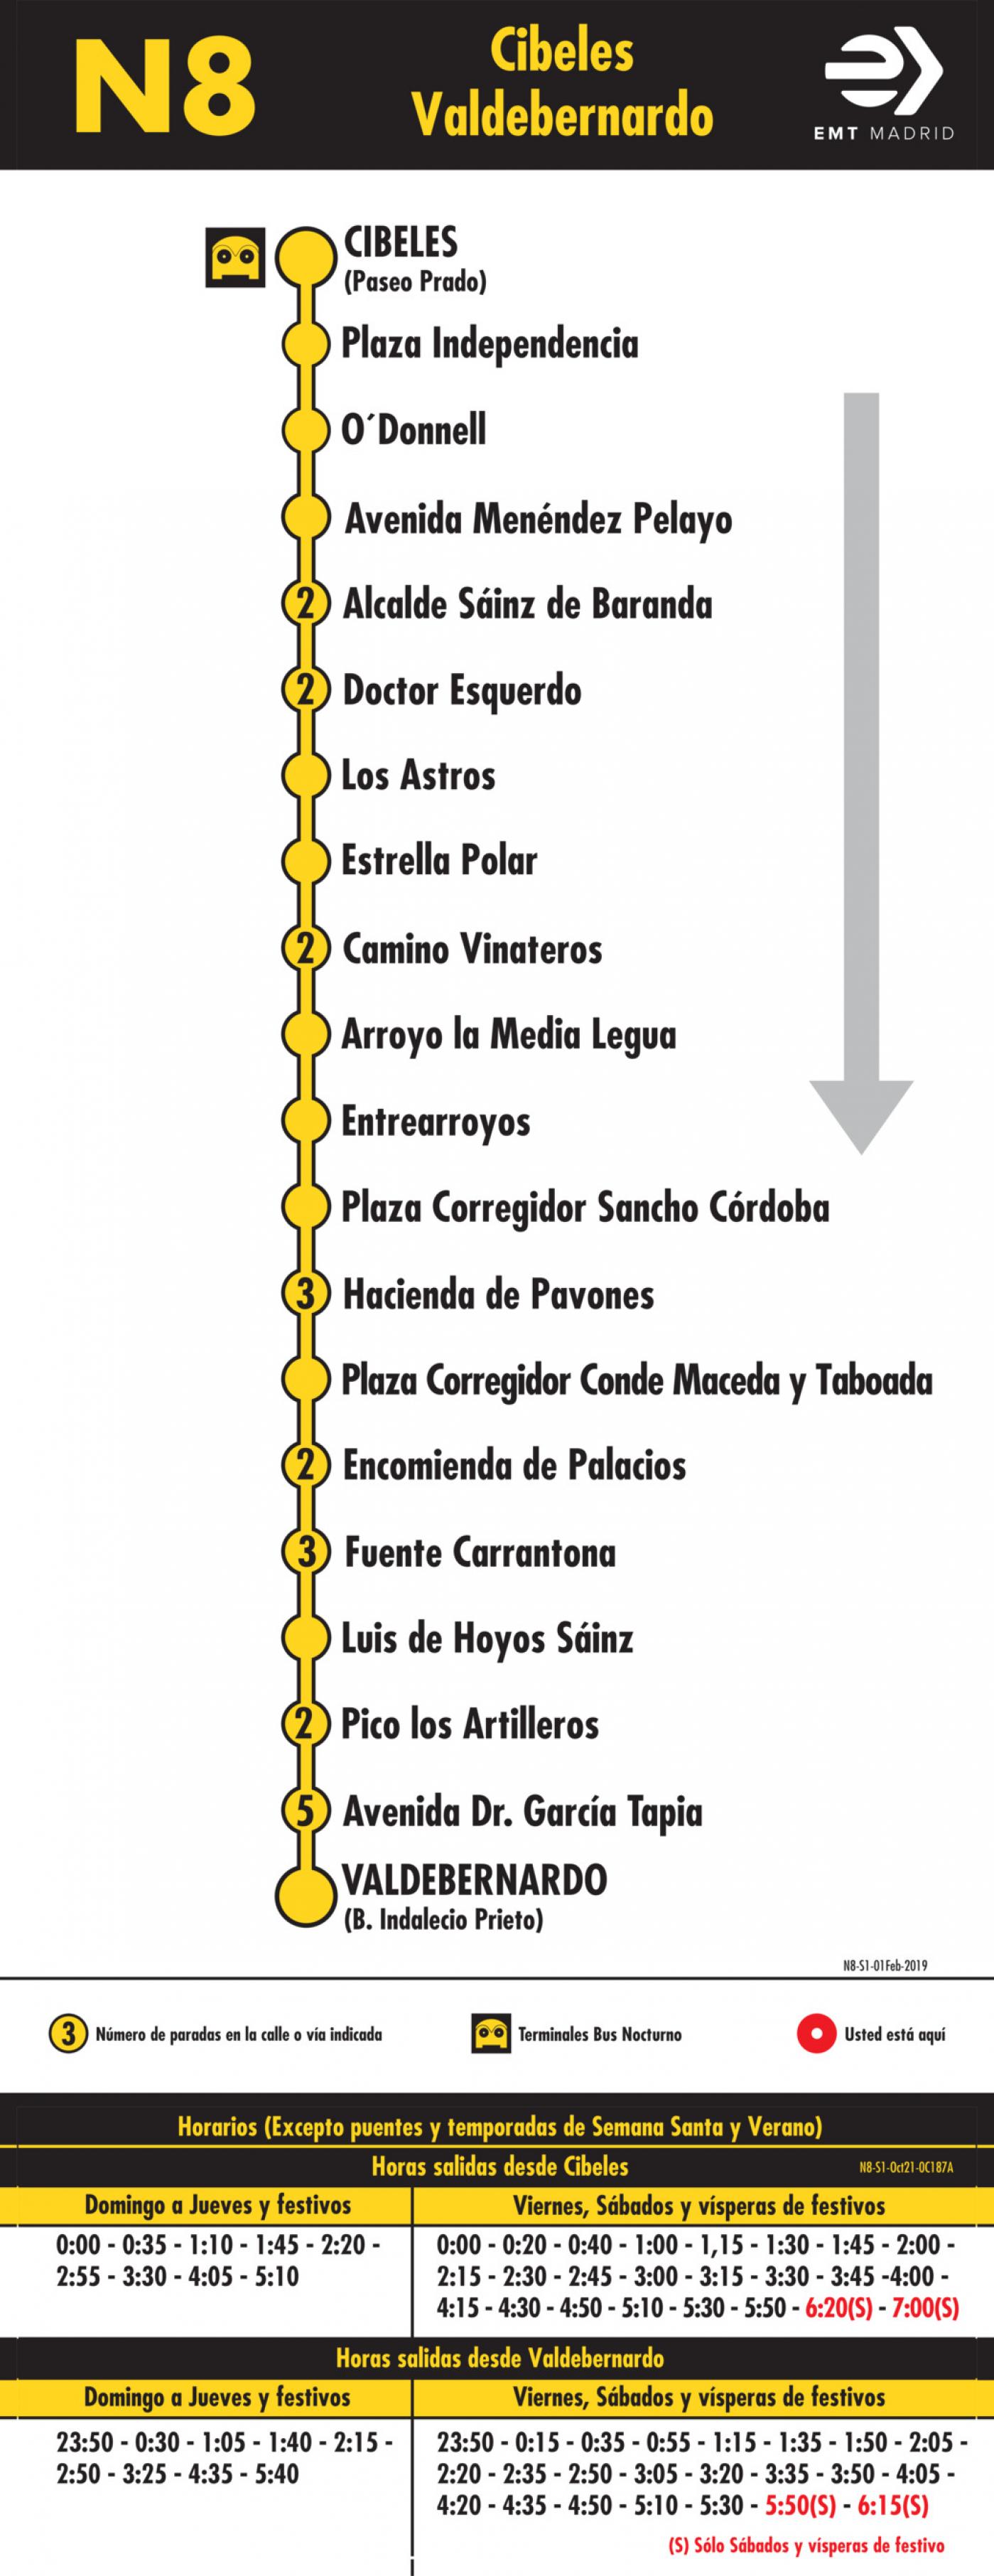 Tabla de horarios y frecuencias de paso en sentido ida Línea N8: Plaza de Cibeles - Valdebernardo (búho)